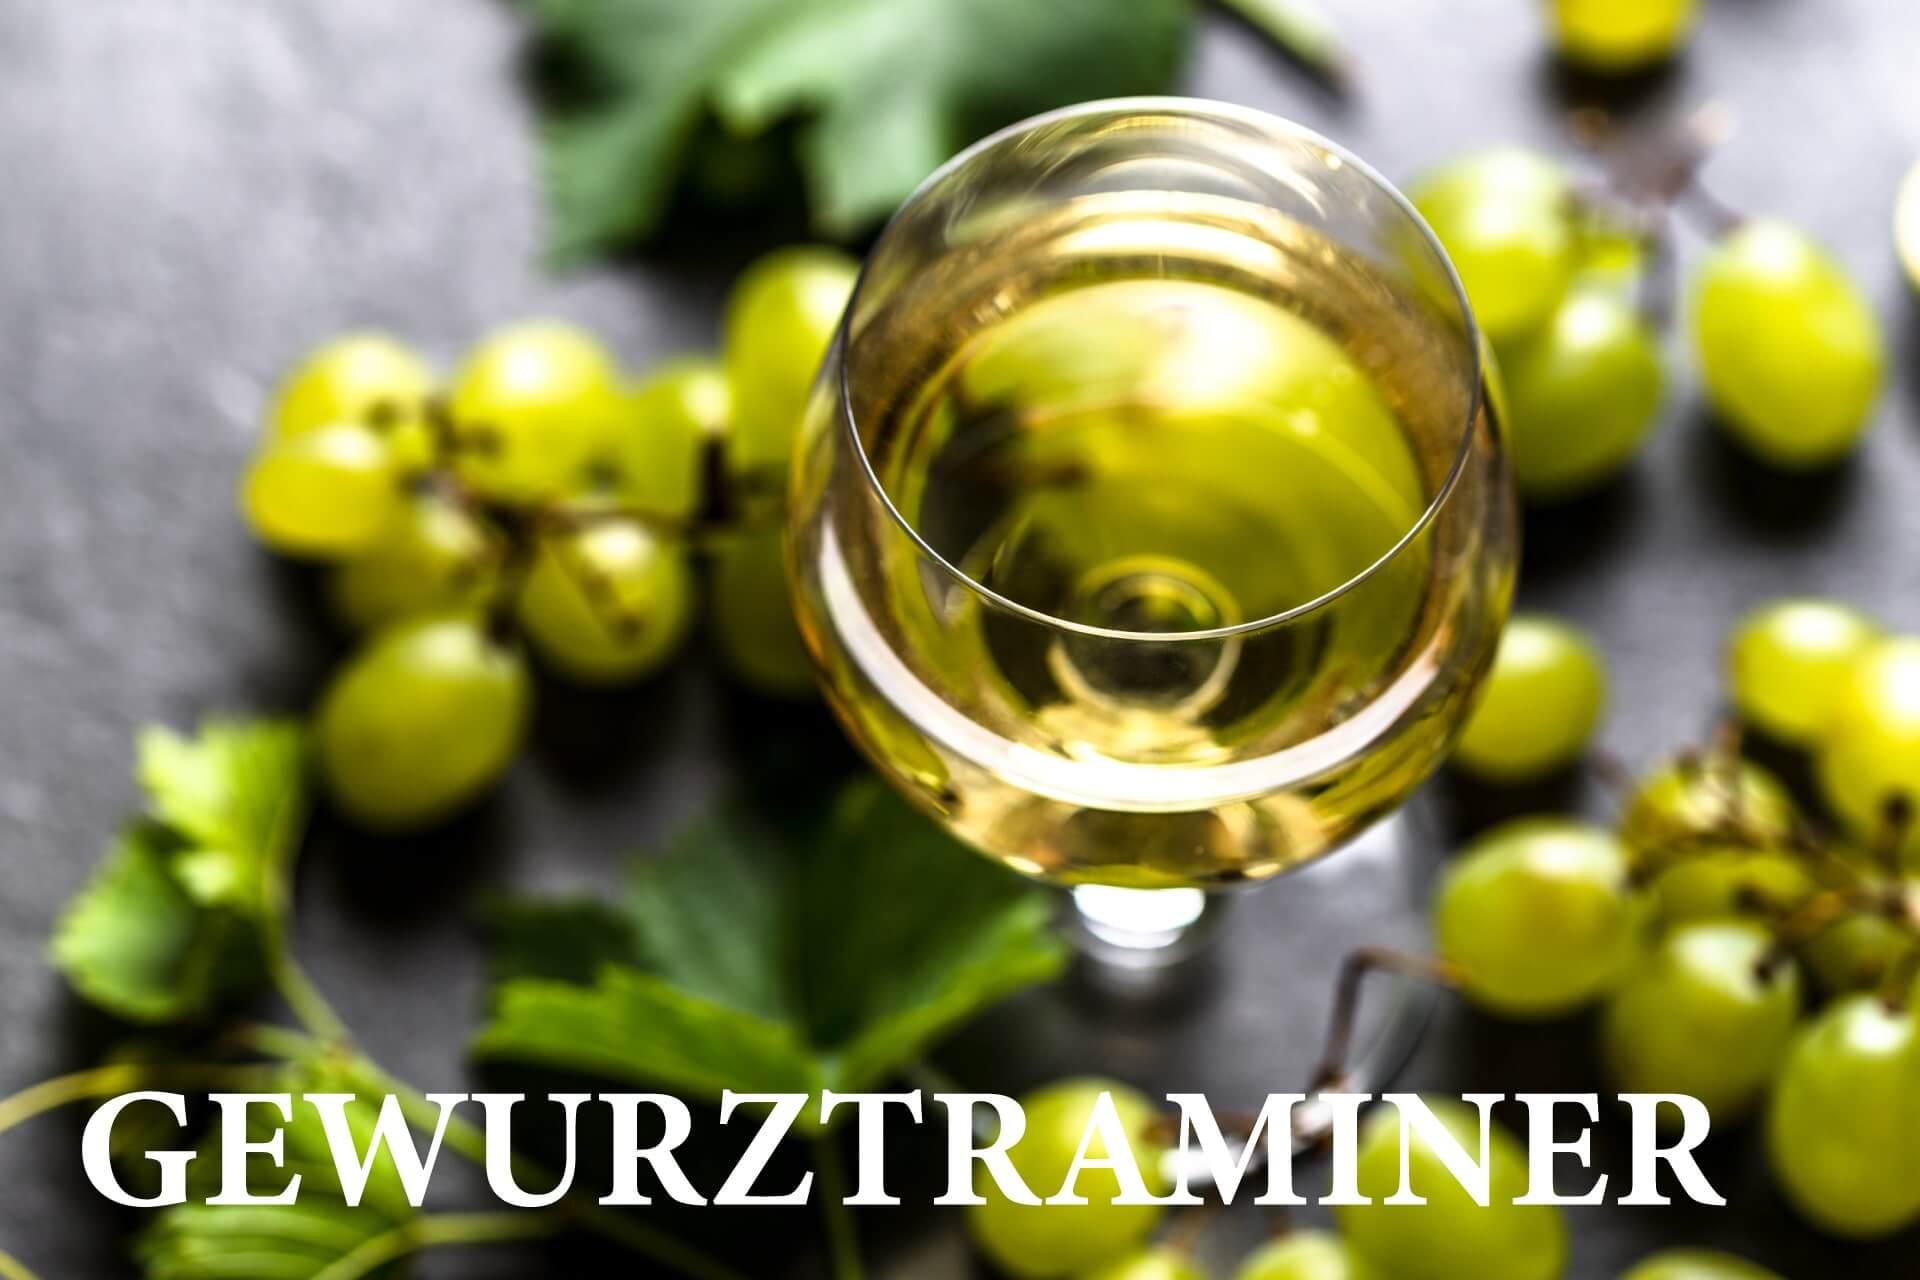 ゲヴェルツトラミネール(ワイン)のメインビジュアルの画像